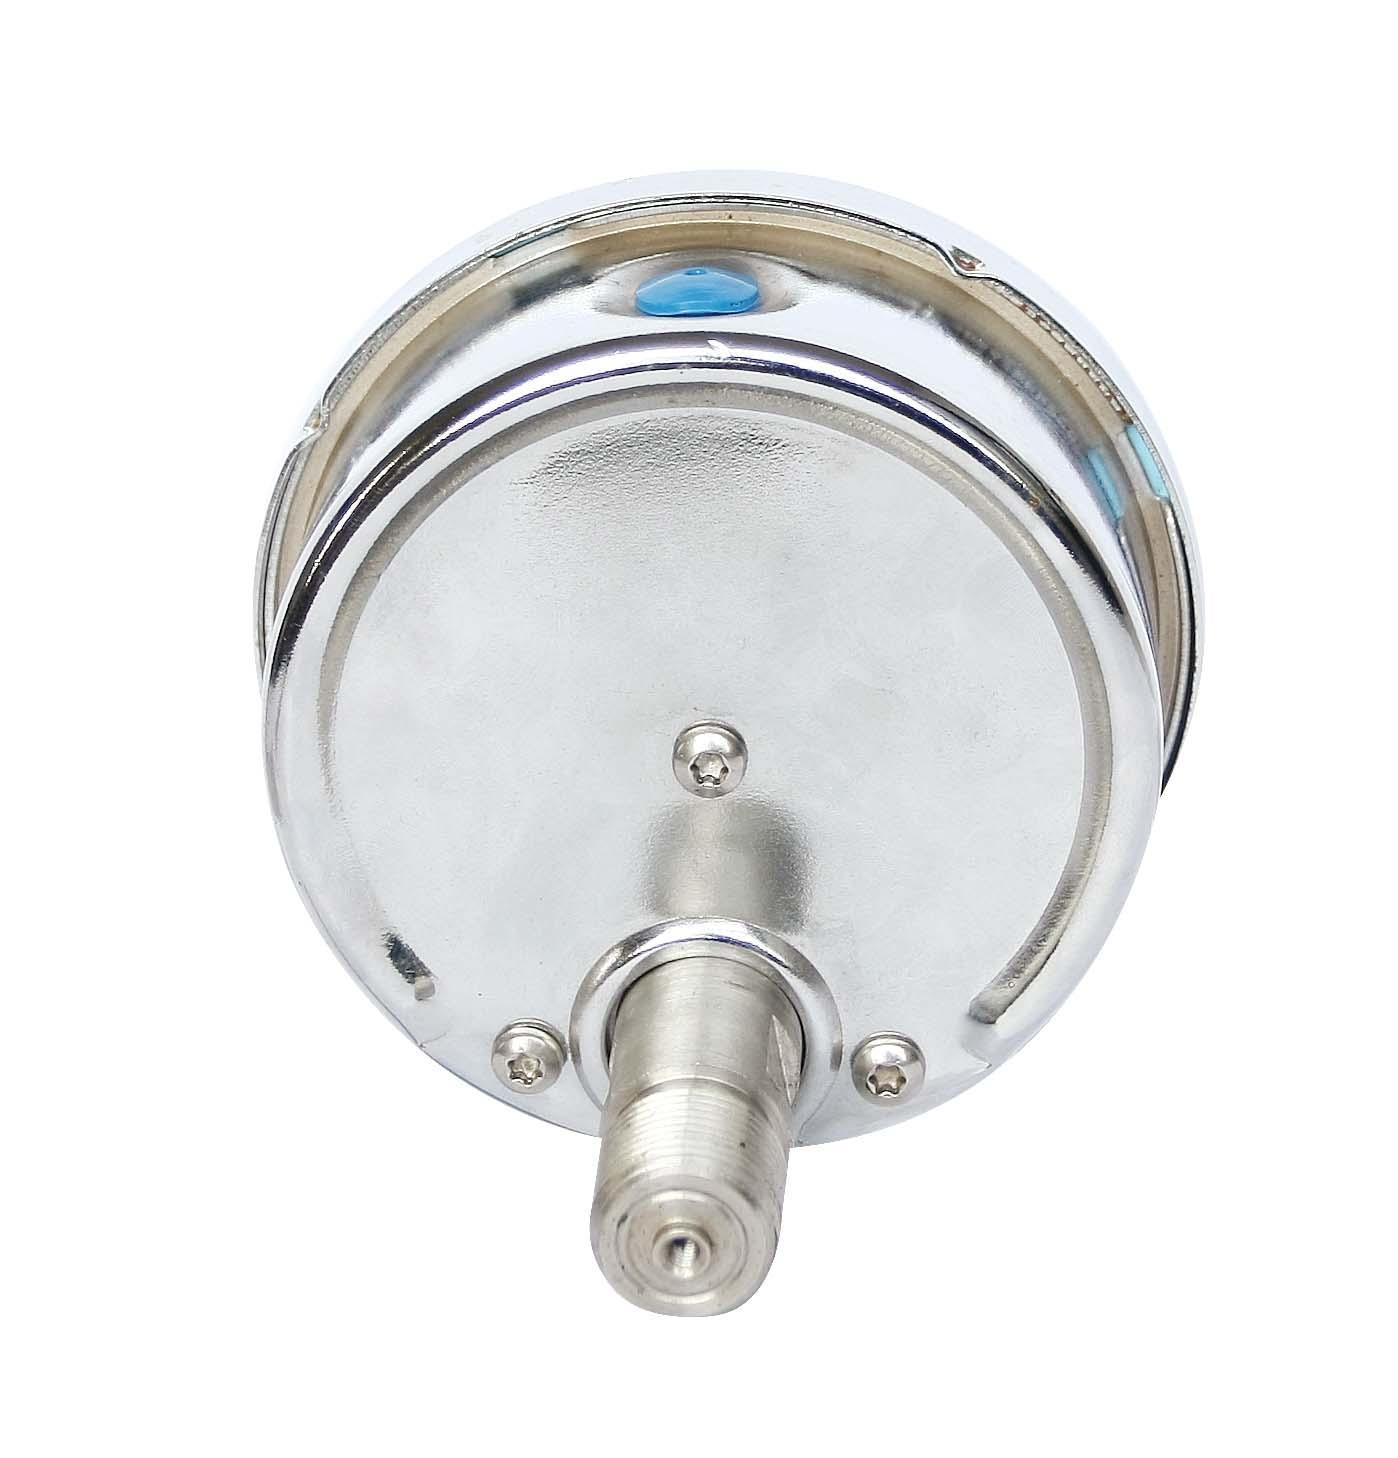 不锈钢压力表 不锈钢真空压力表 不锈钢弹簧管压力表 7